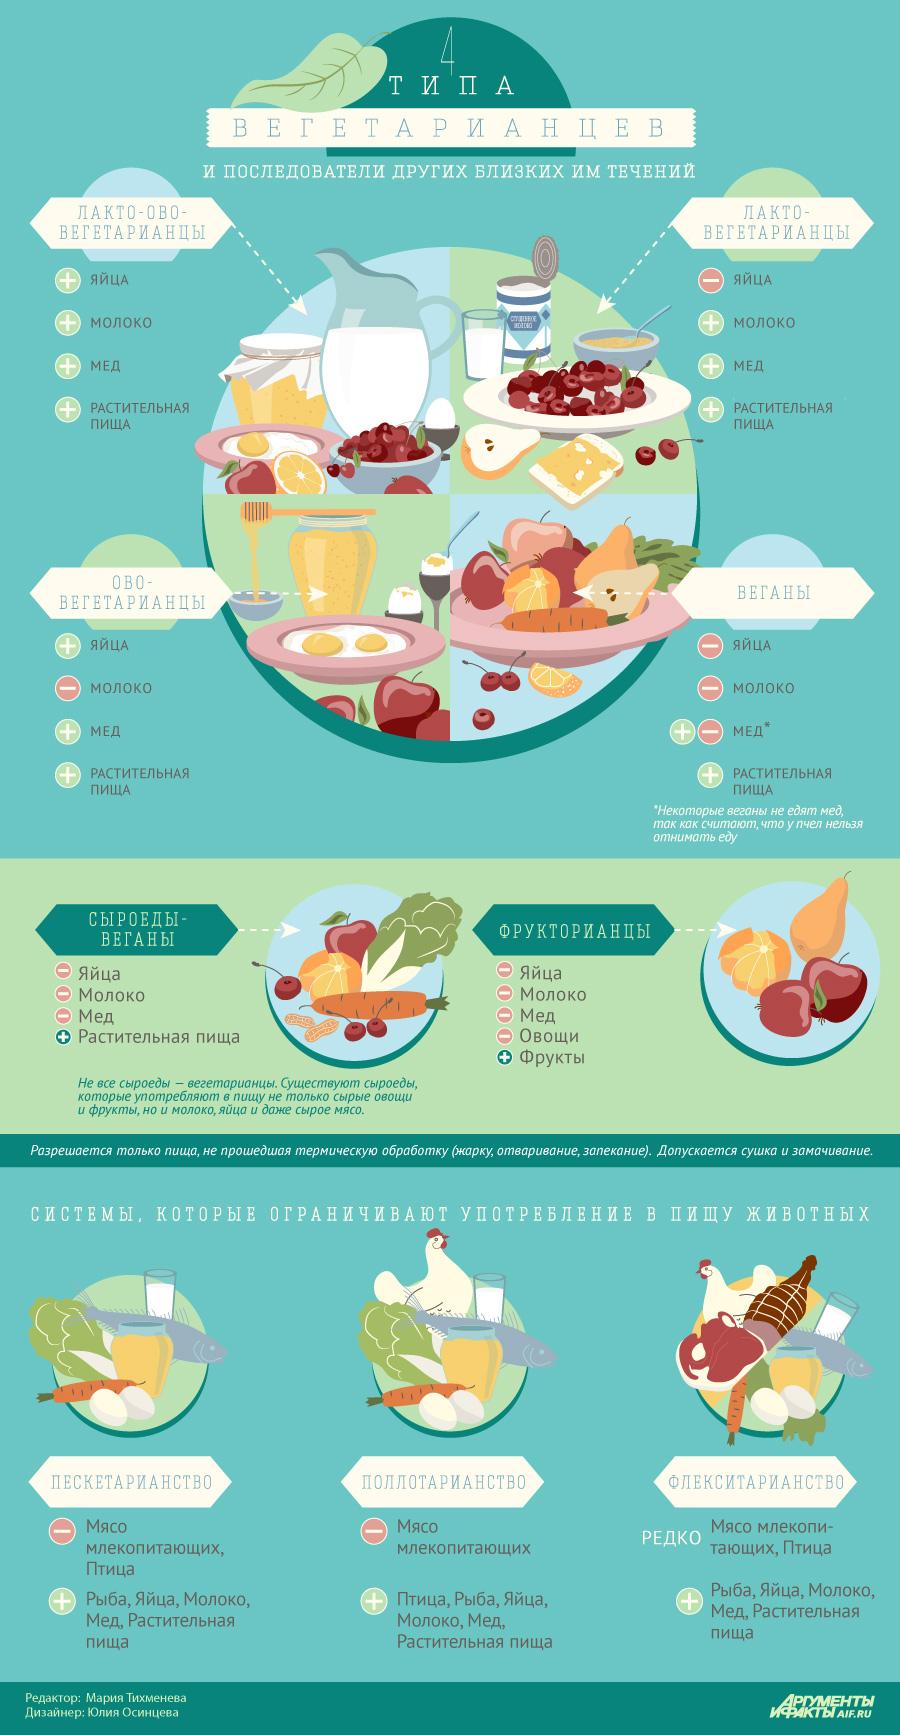 правила питания для похудения видео